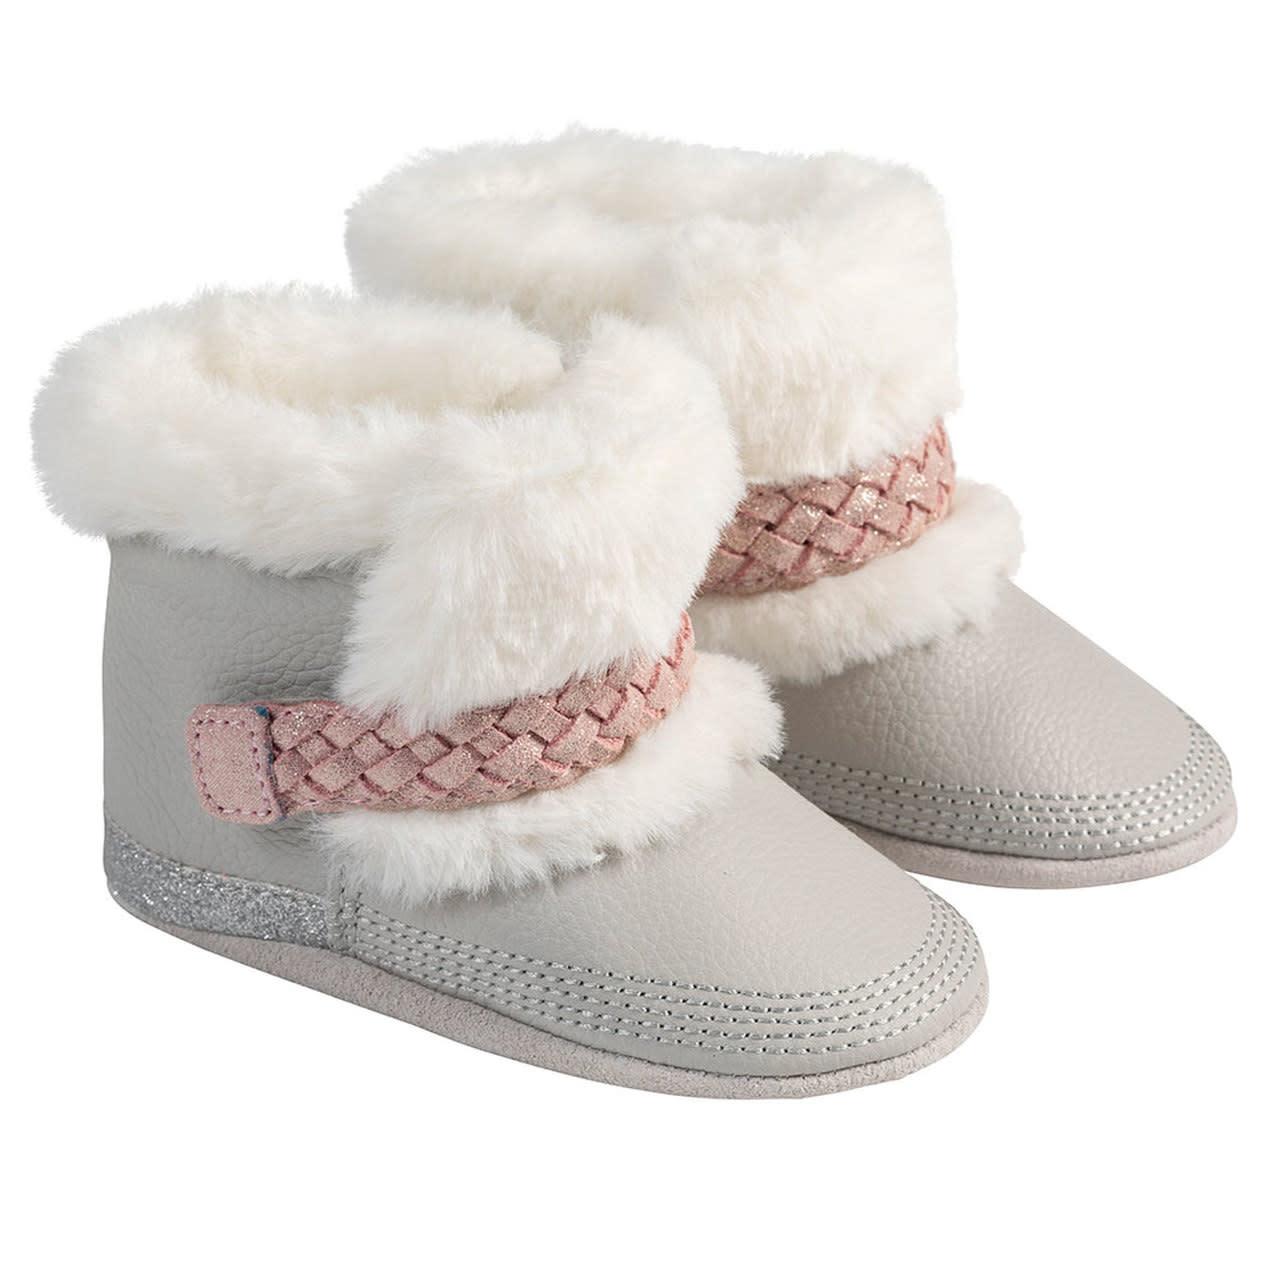 Robeez Montana Boot - Grey/Pink